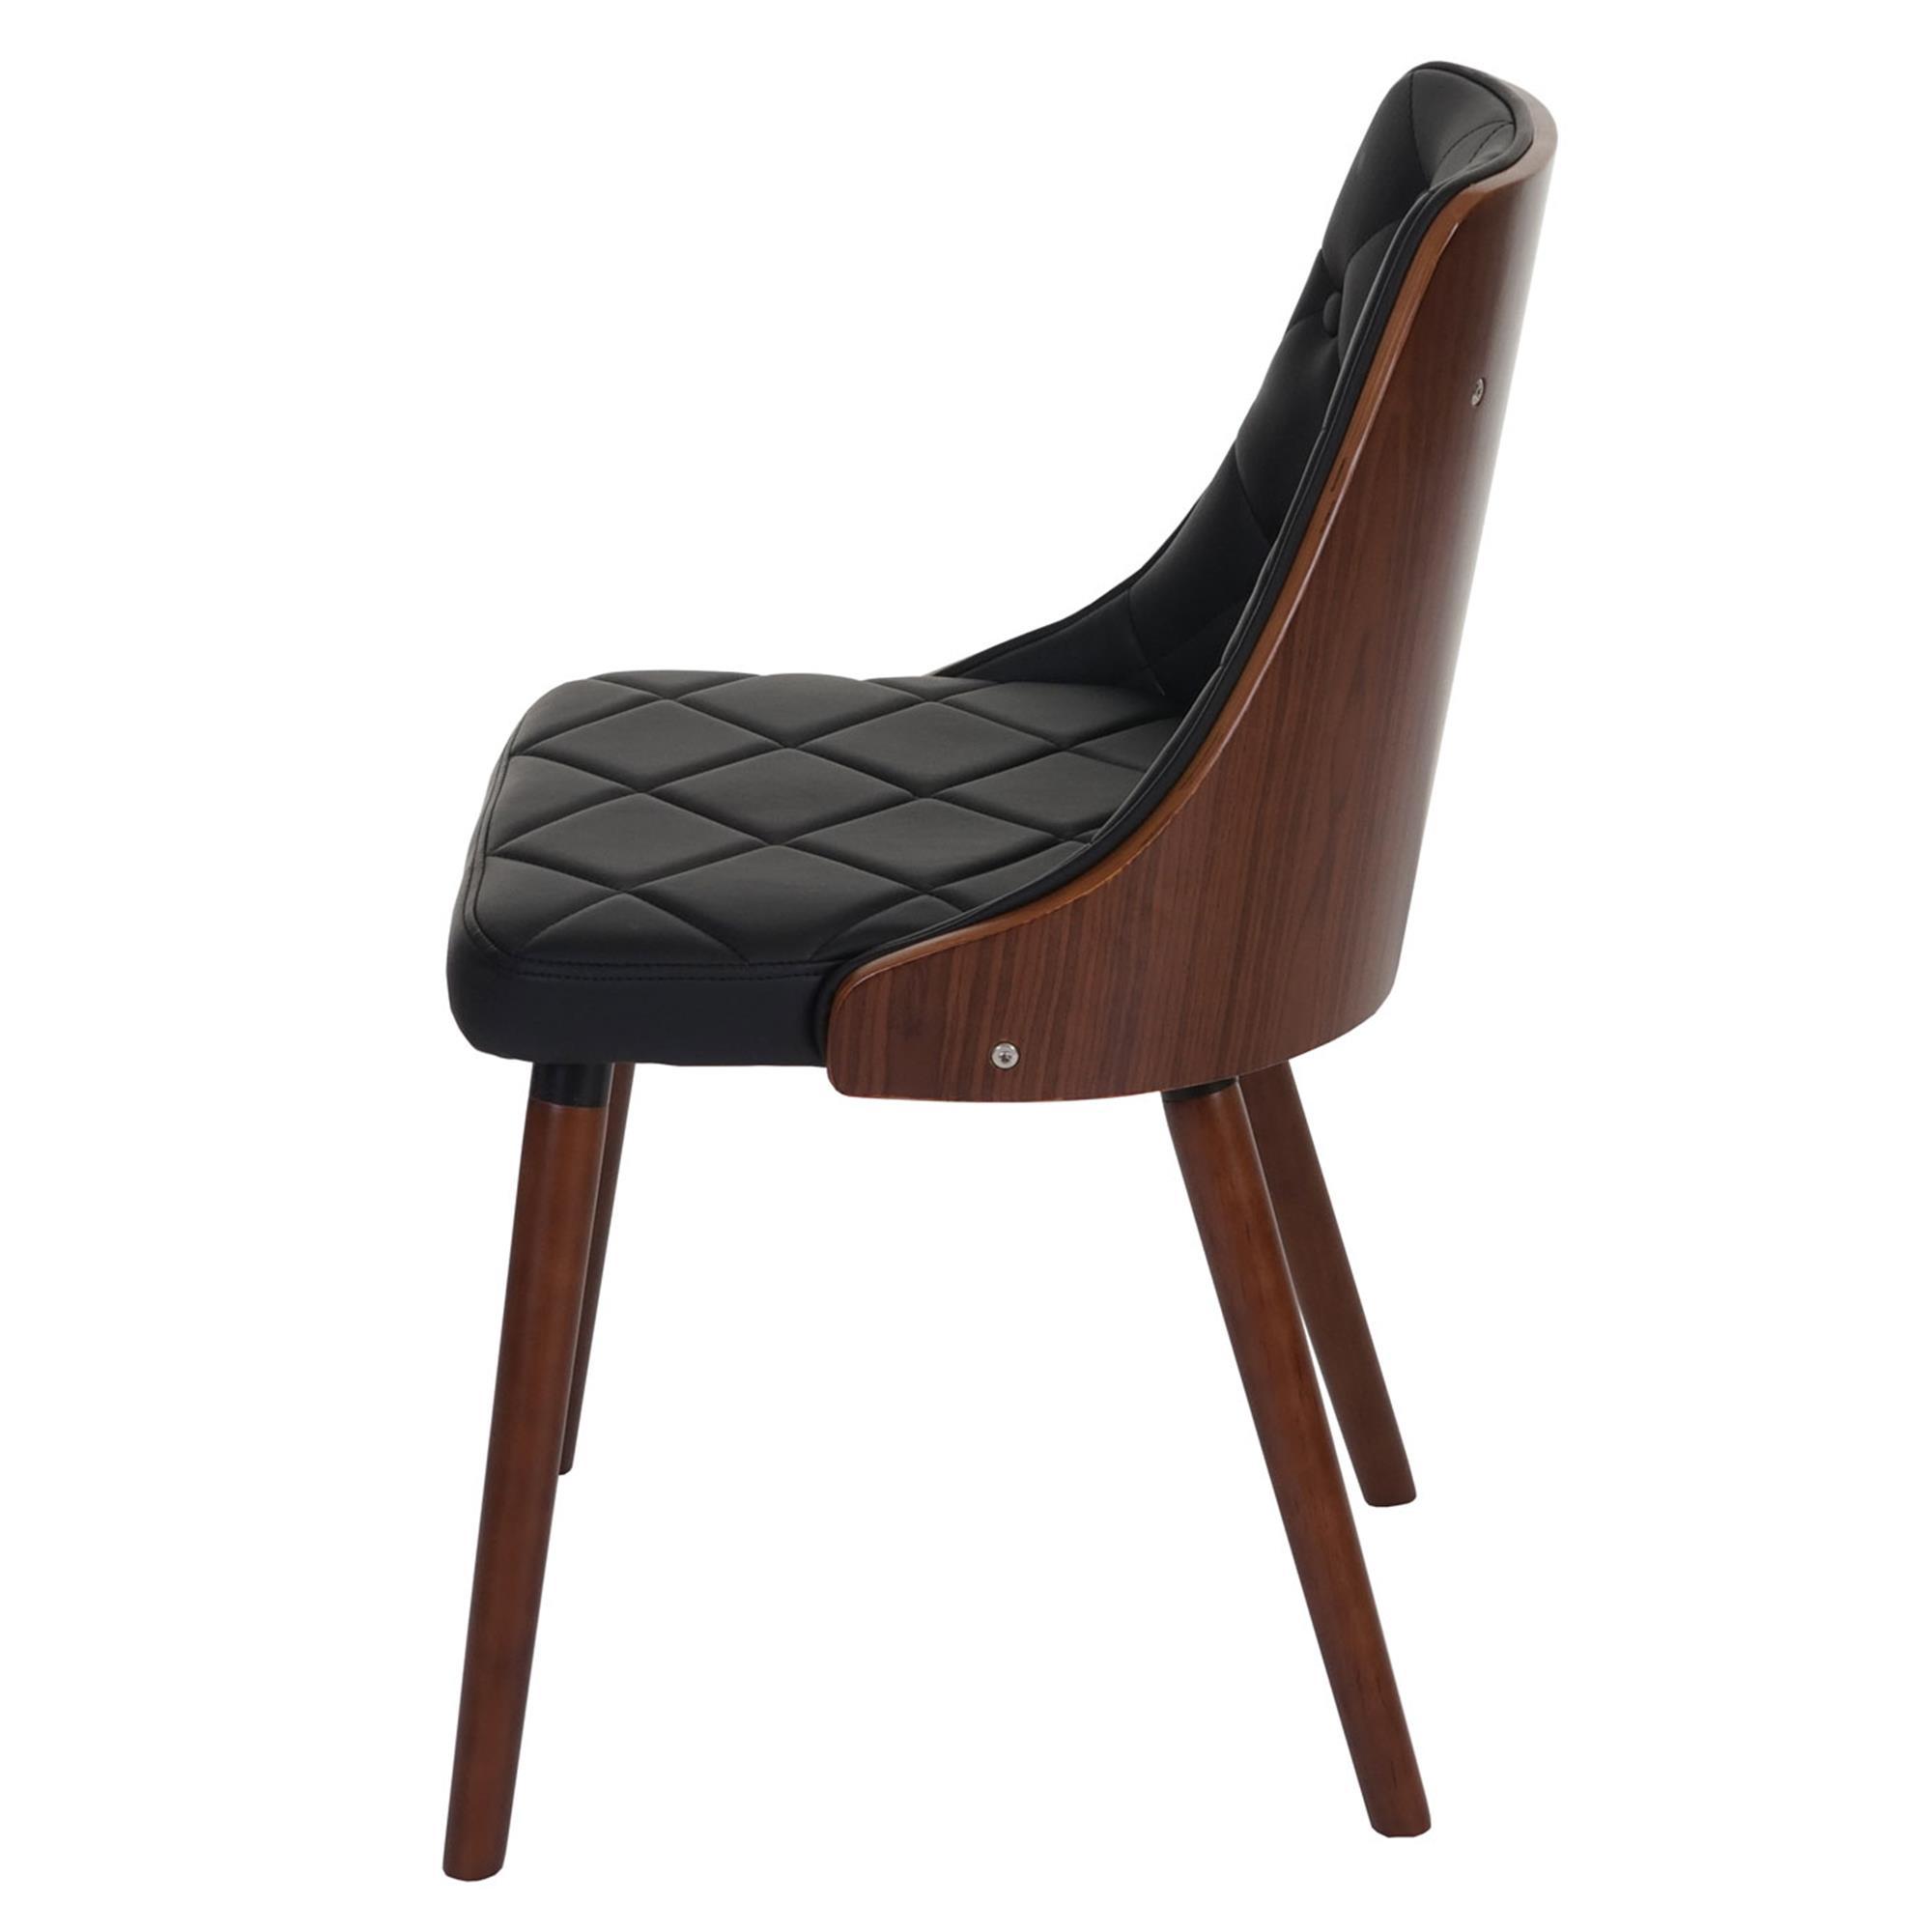 Lote 2 sillas de comedor baley en piel negro - Sillas comedor piel ...